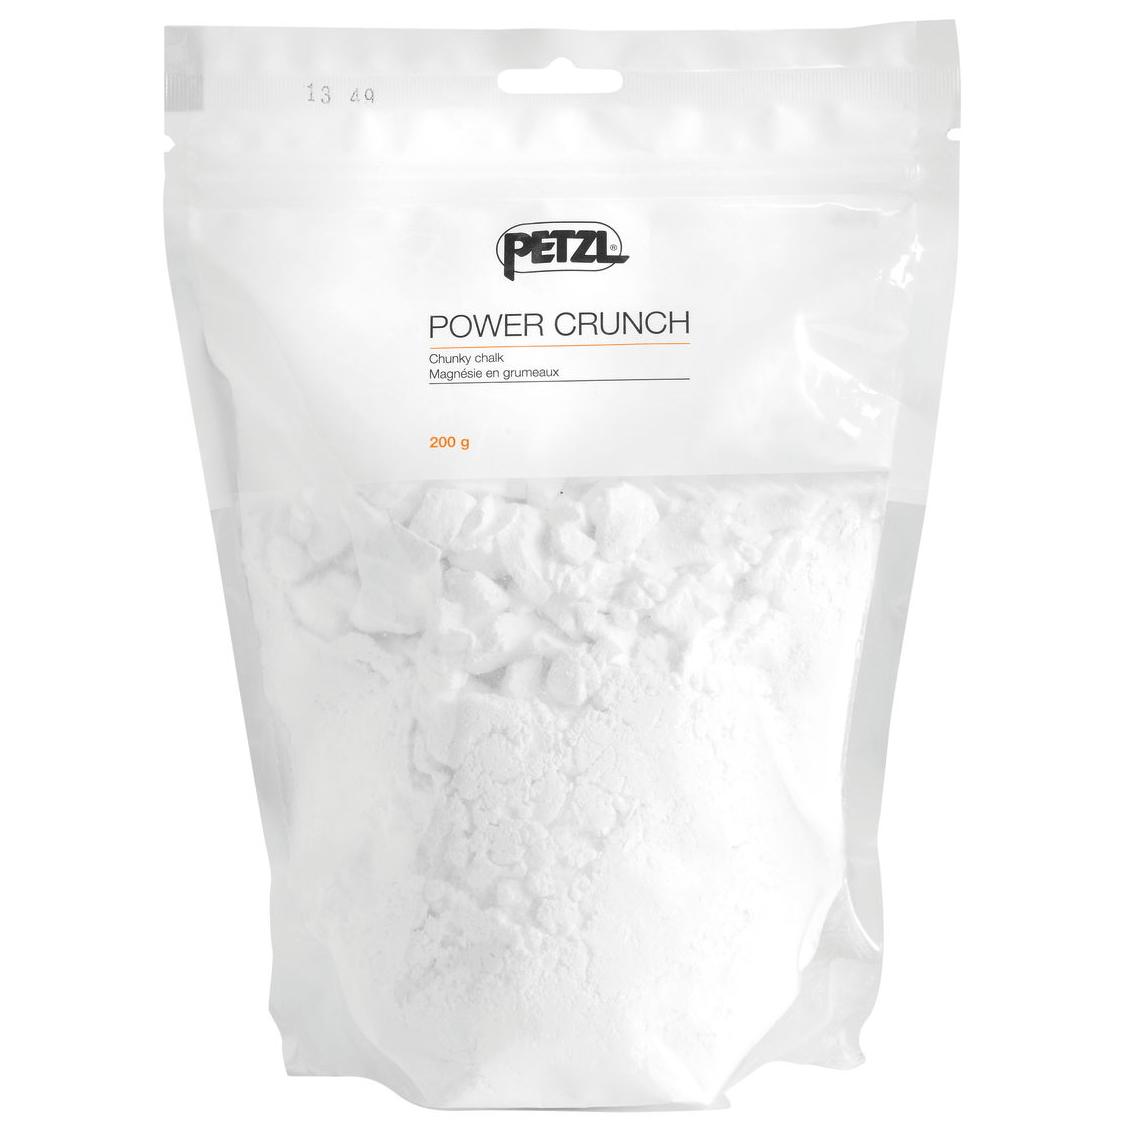 Produktbild von Petzl Power Crunch - 200 g Chalk